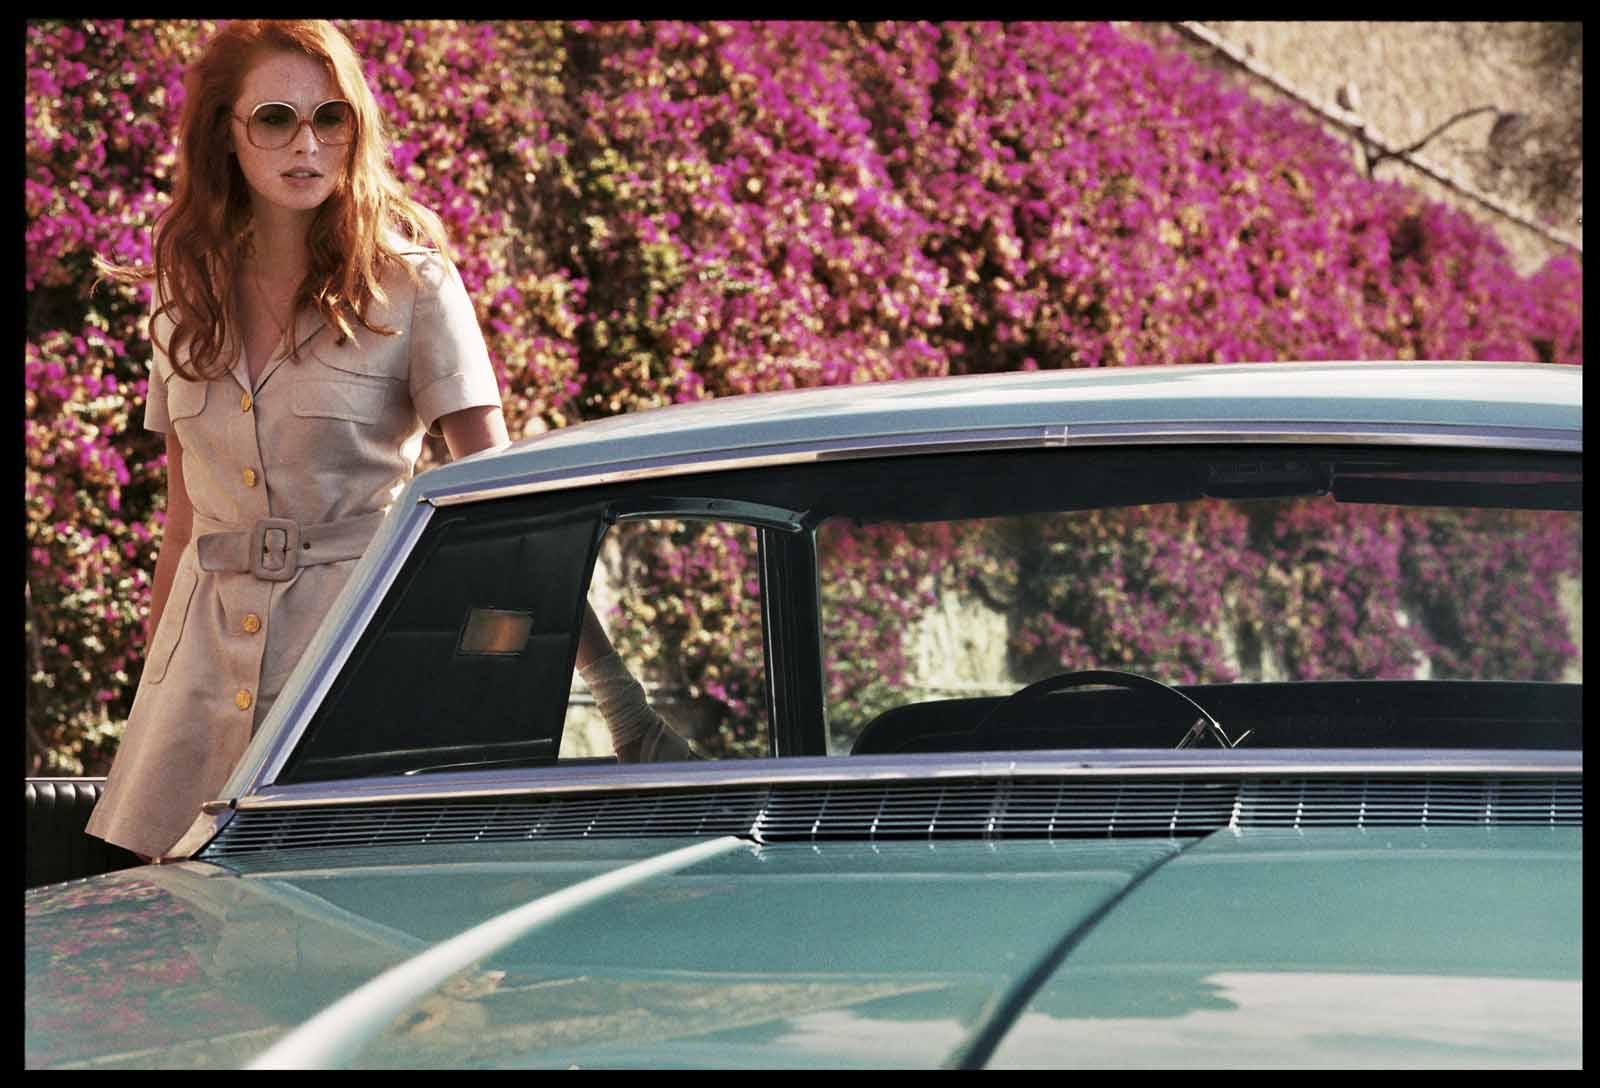 дама в очках и с ружьем в автомобиле кадр 6